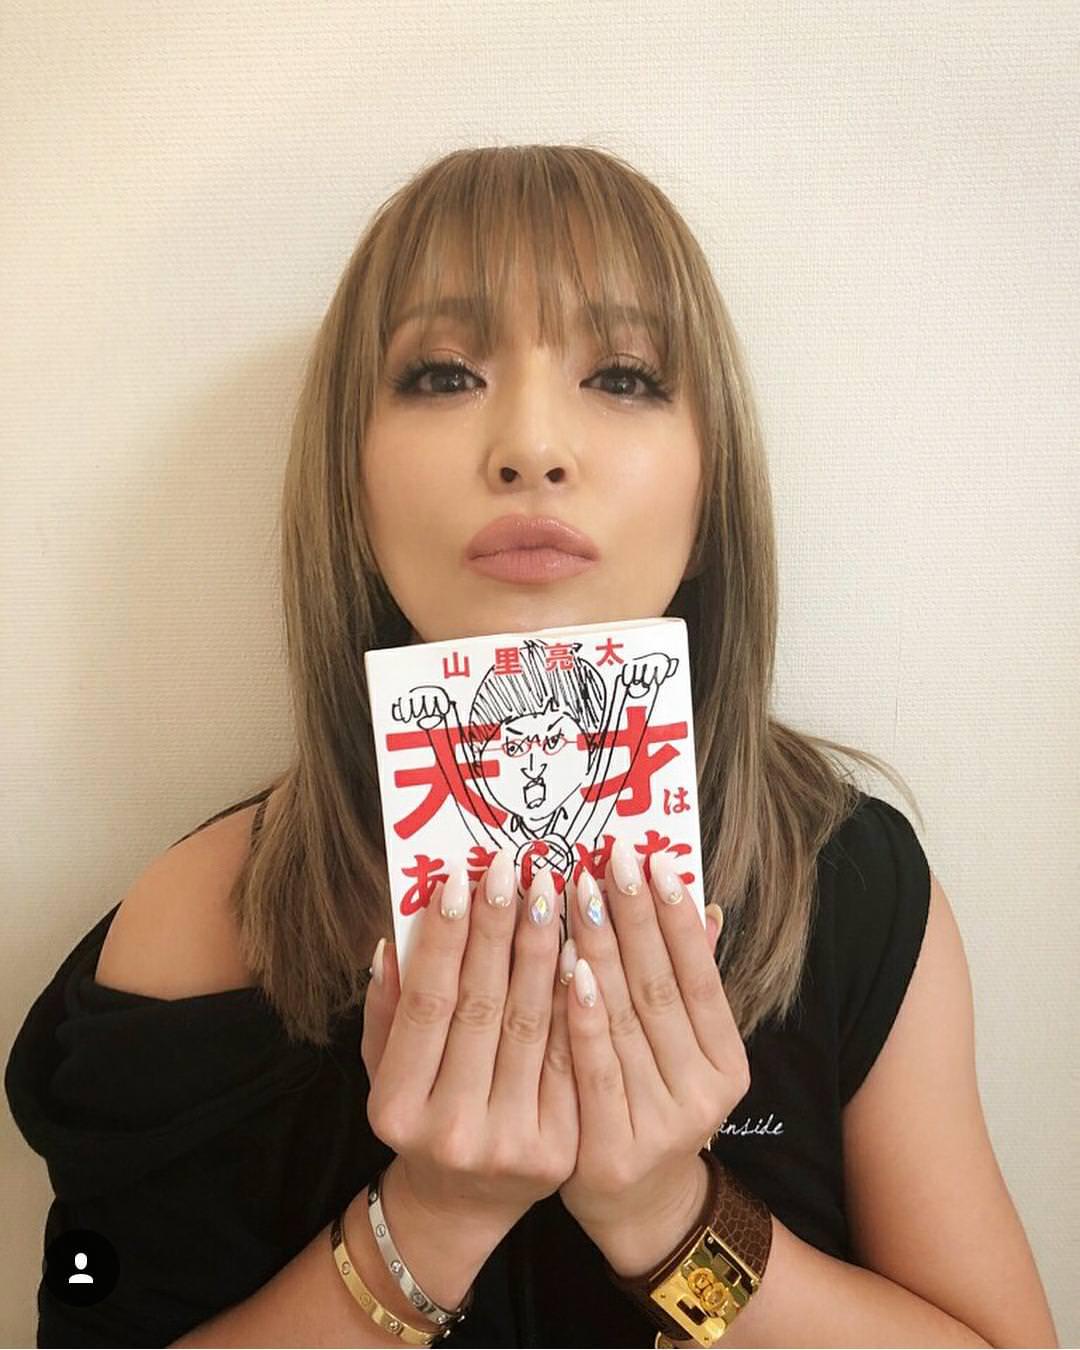 【画像】歌手の浜崎あゆみさん、39歳に見えない